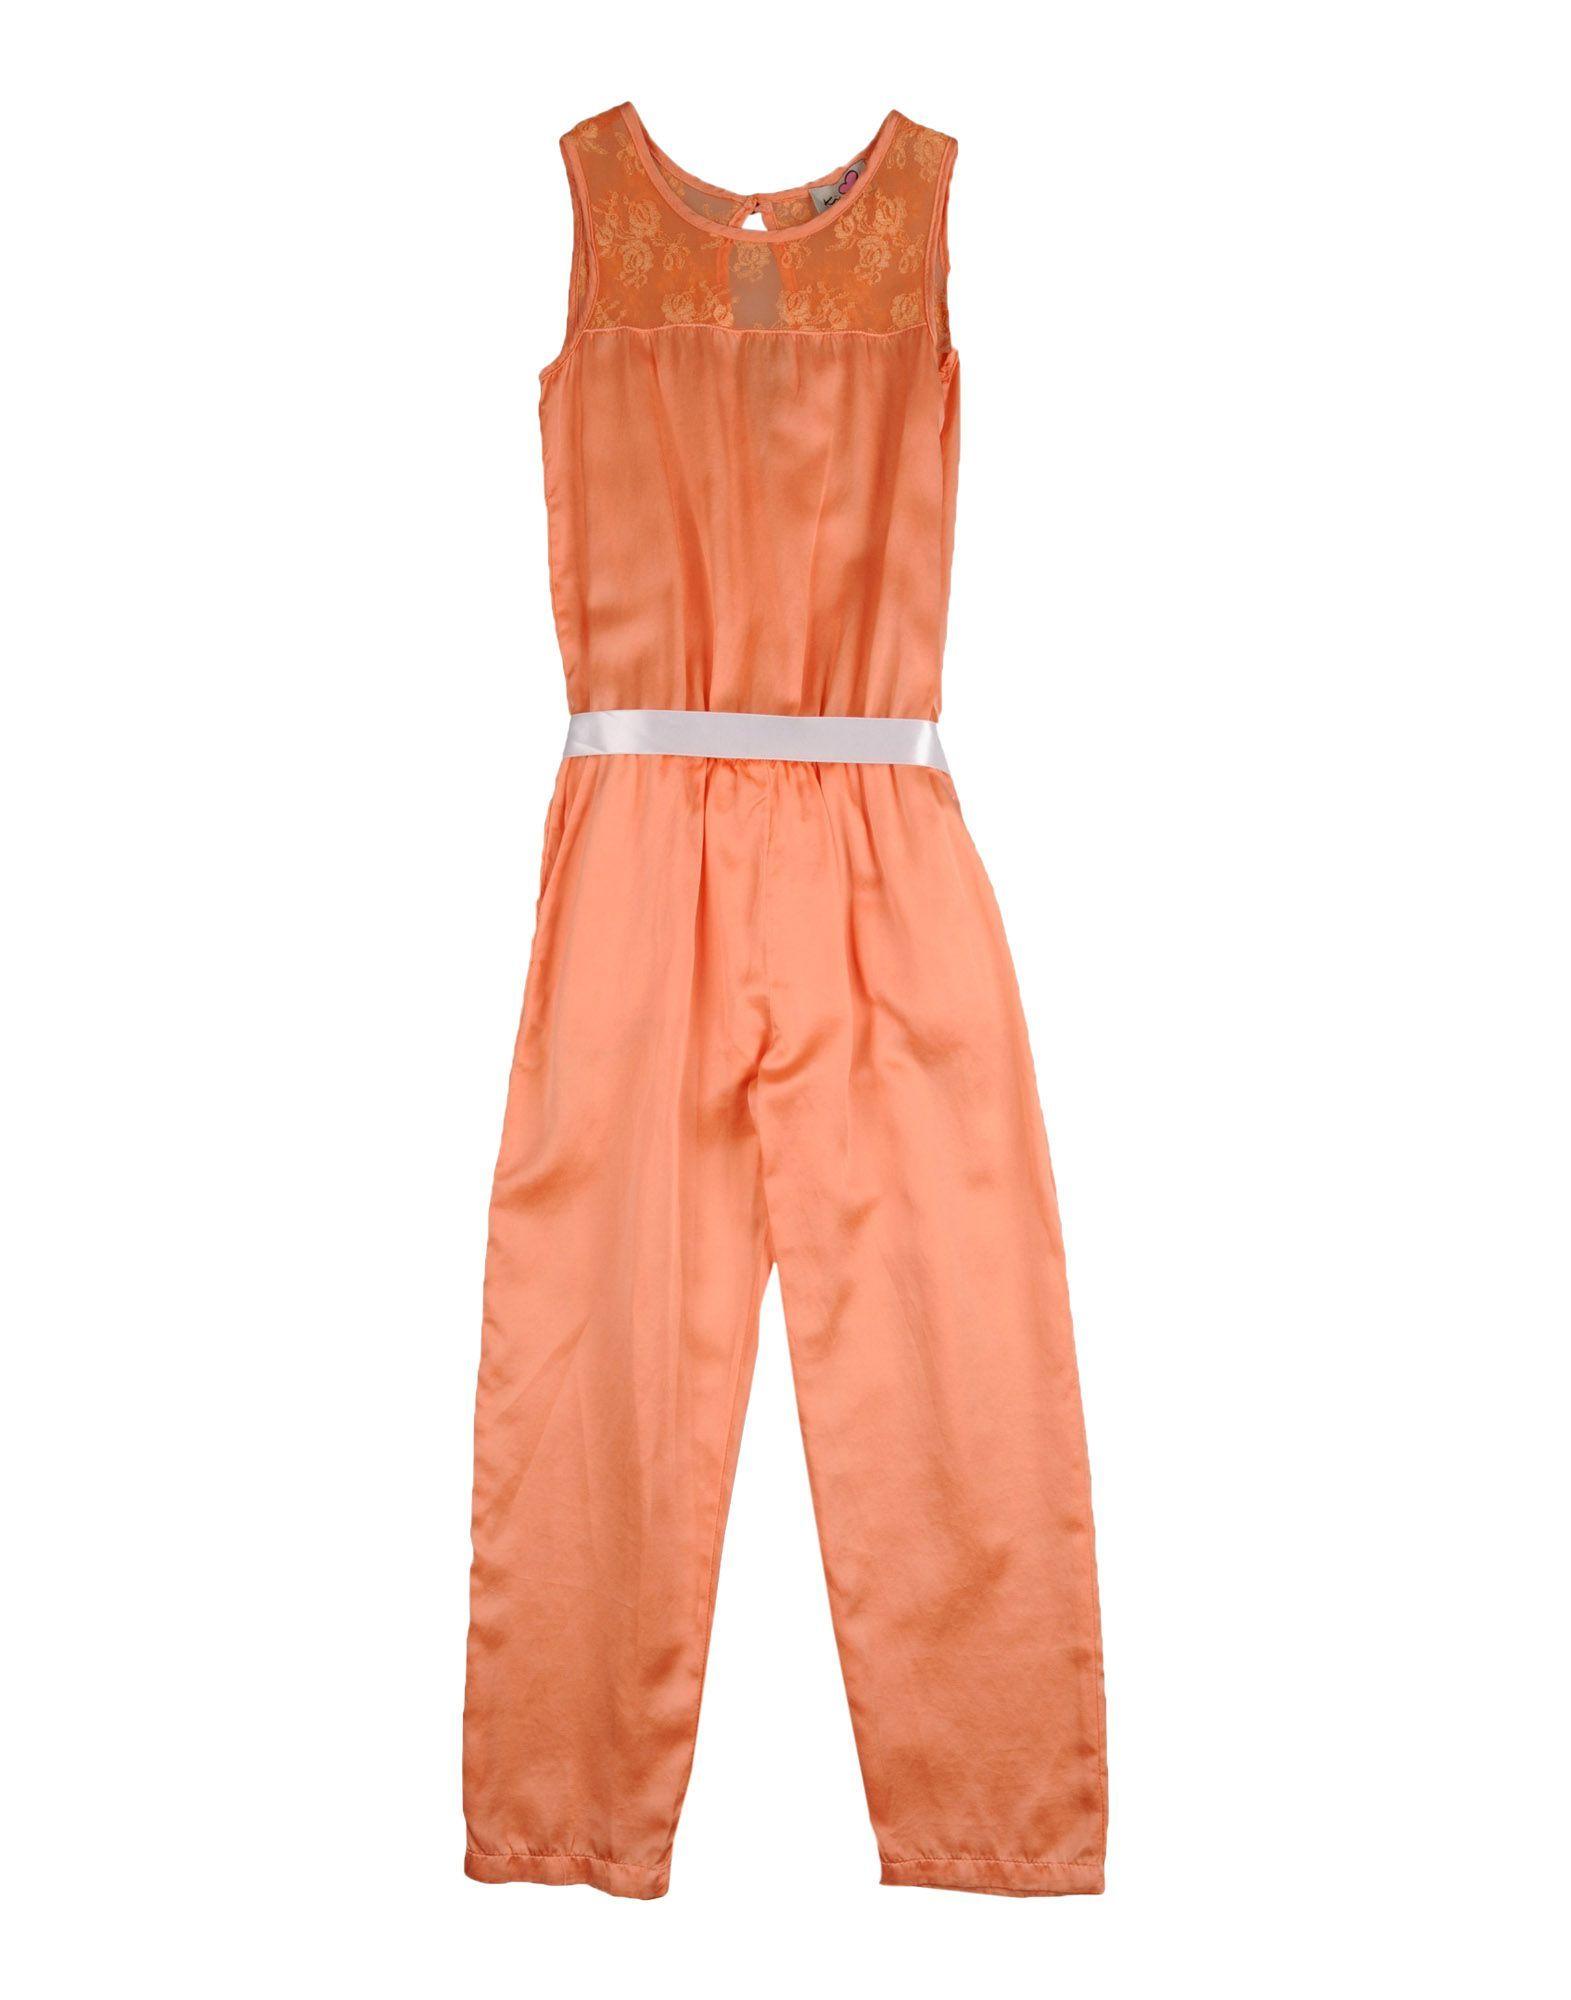 DUNGAREES Ki6? Pretty Orange Girl Polyester